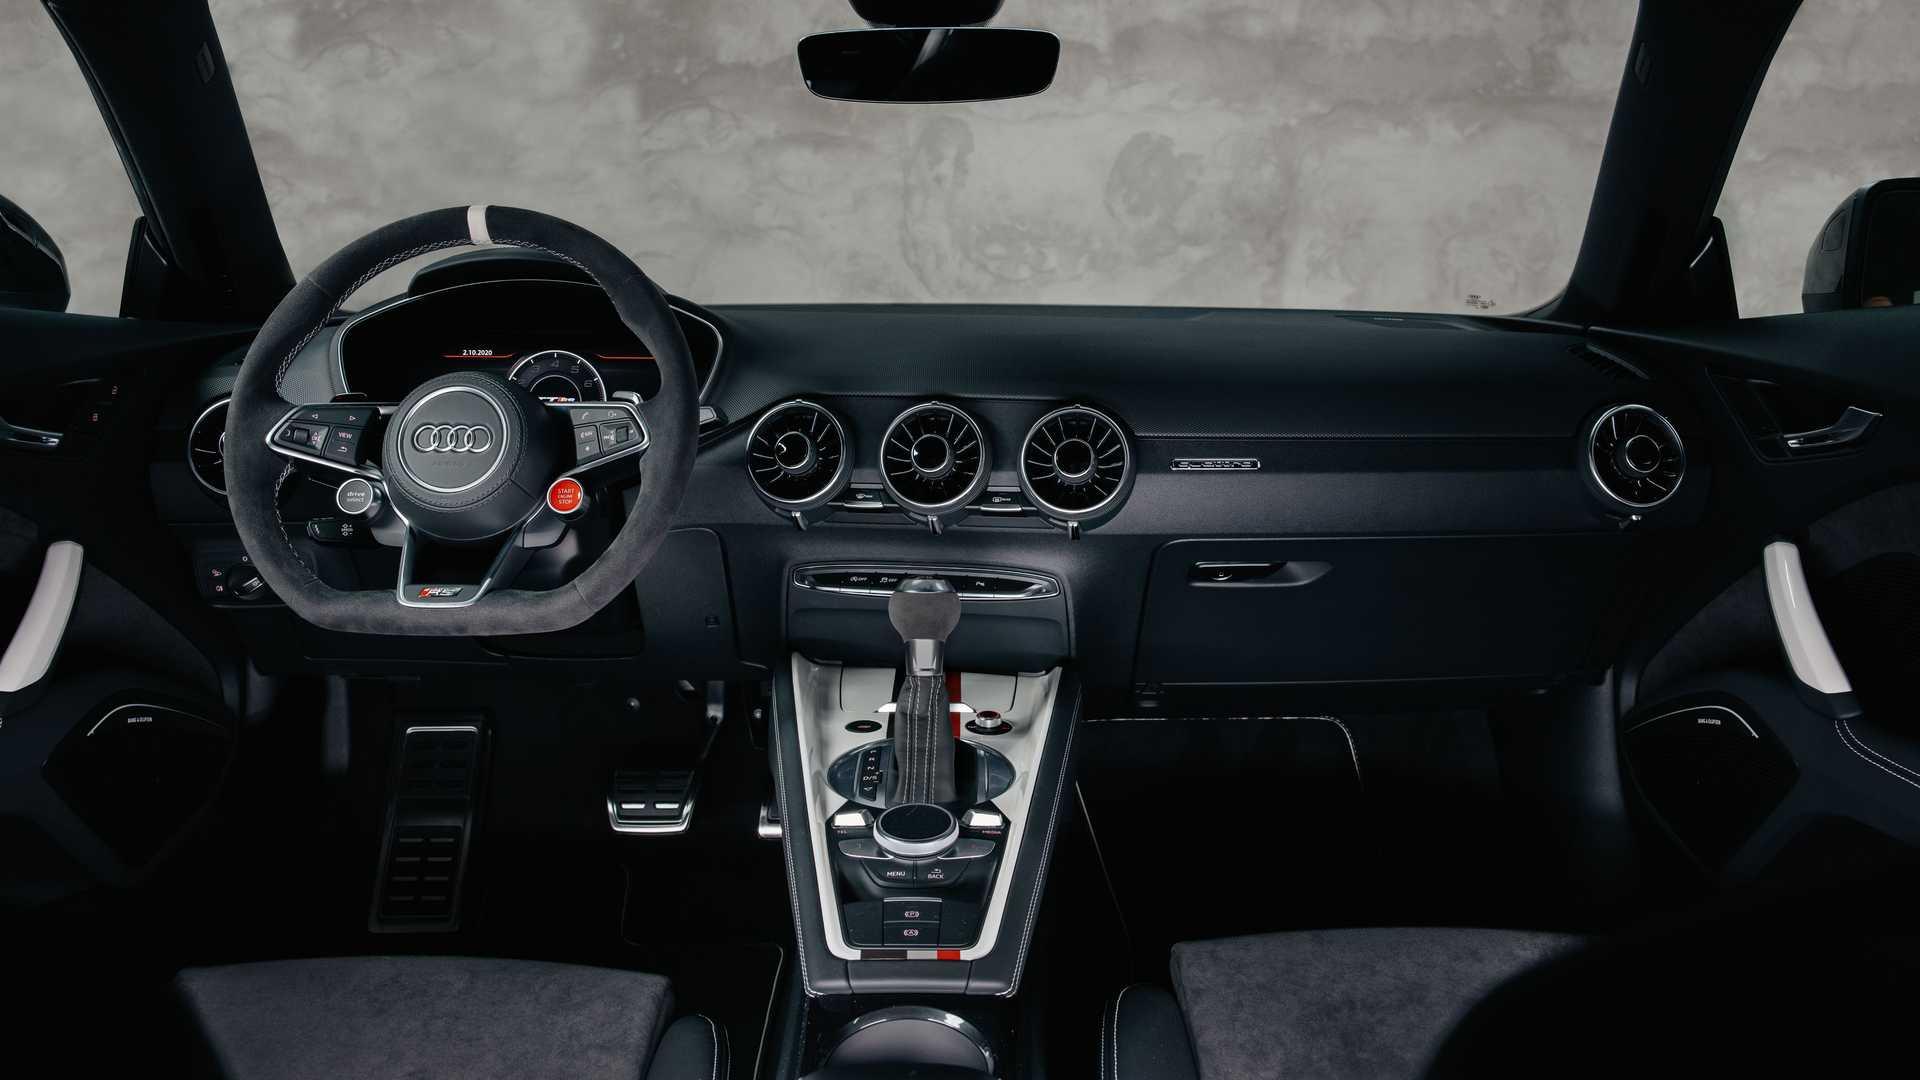 Audi_TT_RS_40_Years_Of_Quattro_0009